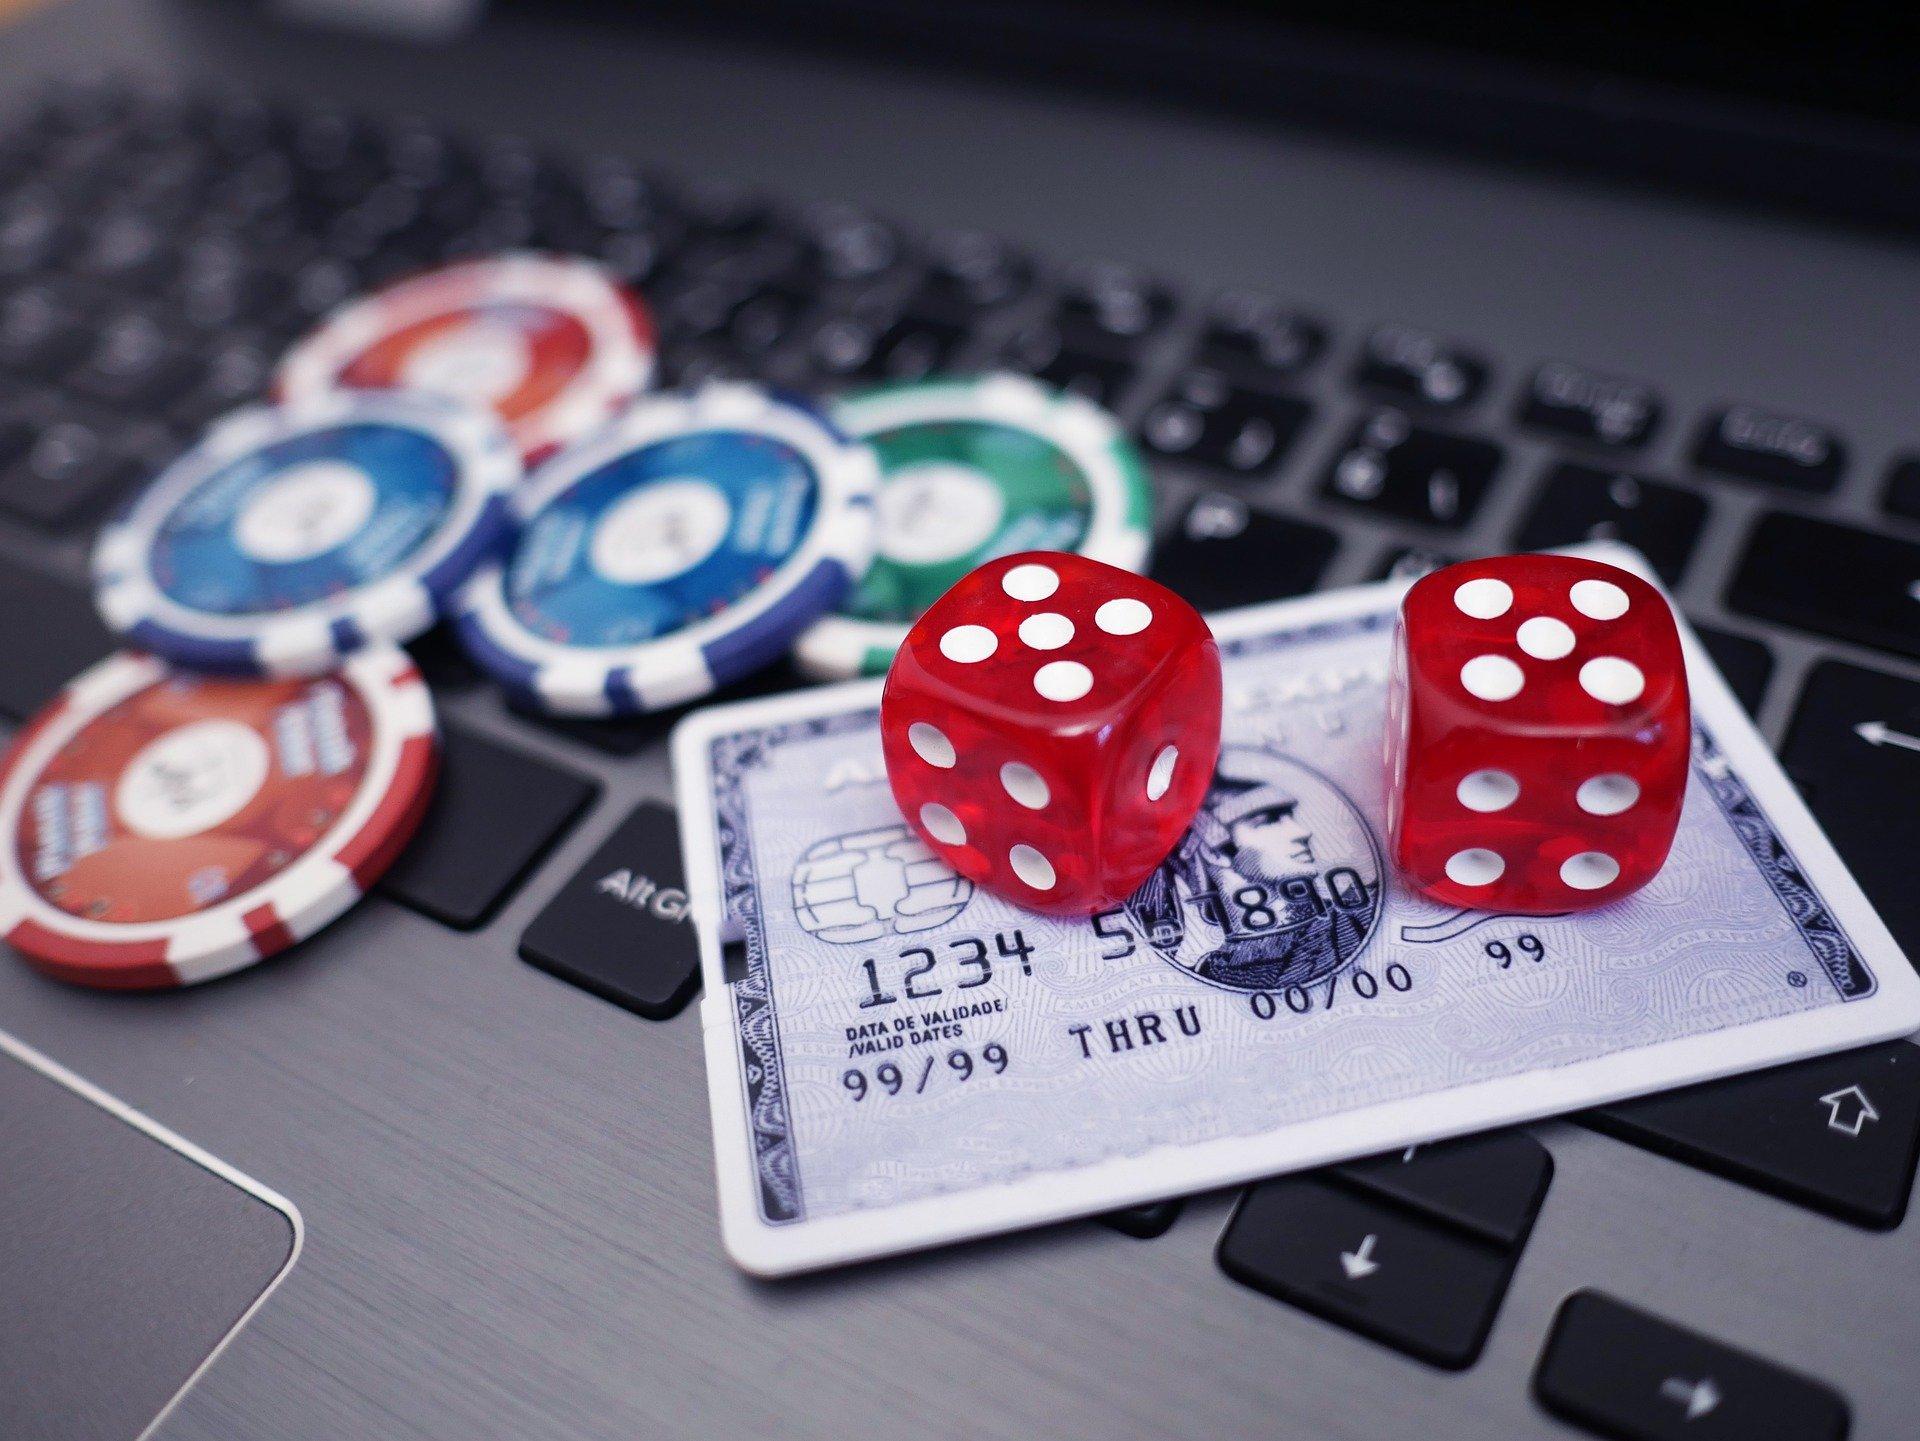 Выручка онлайн-казино США выросла более чем в два раза